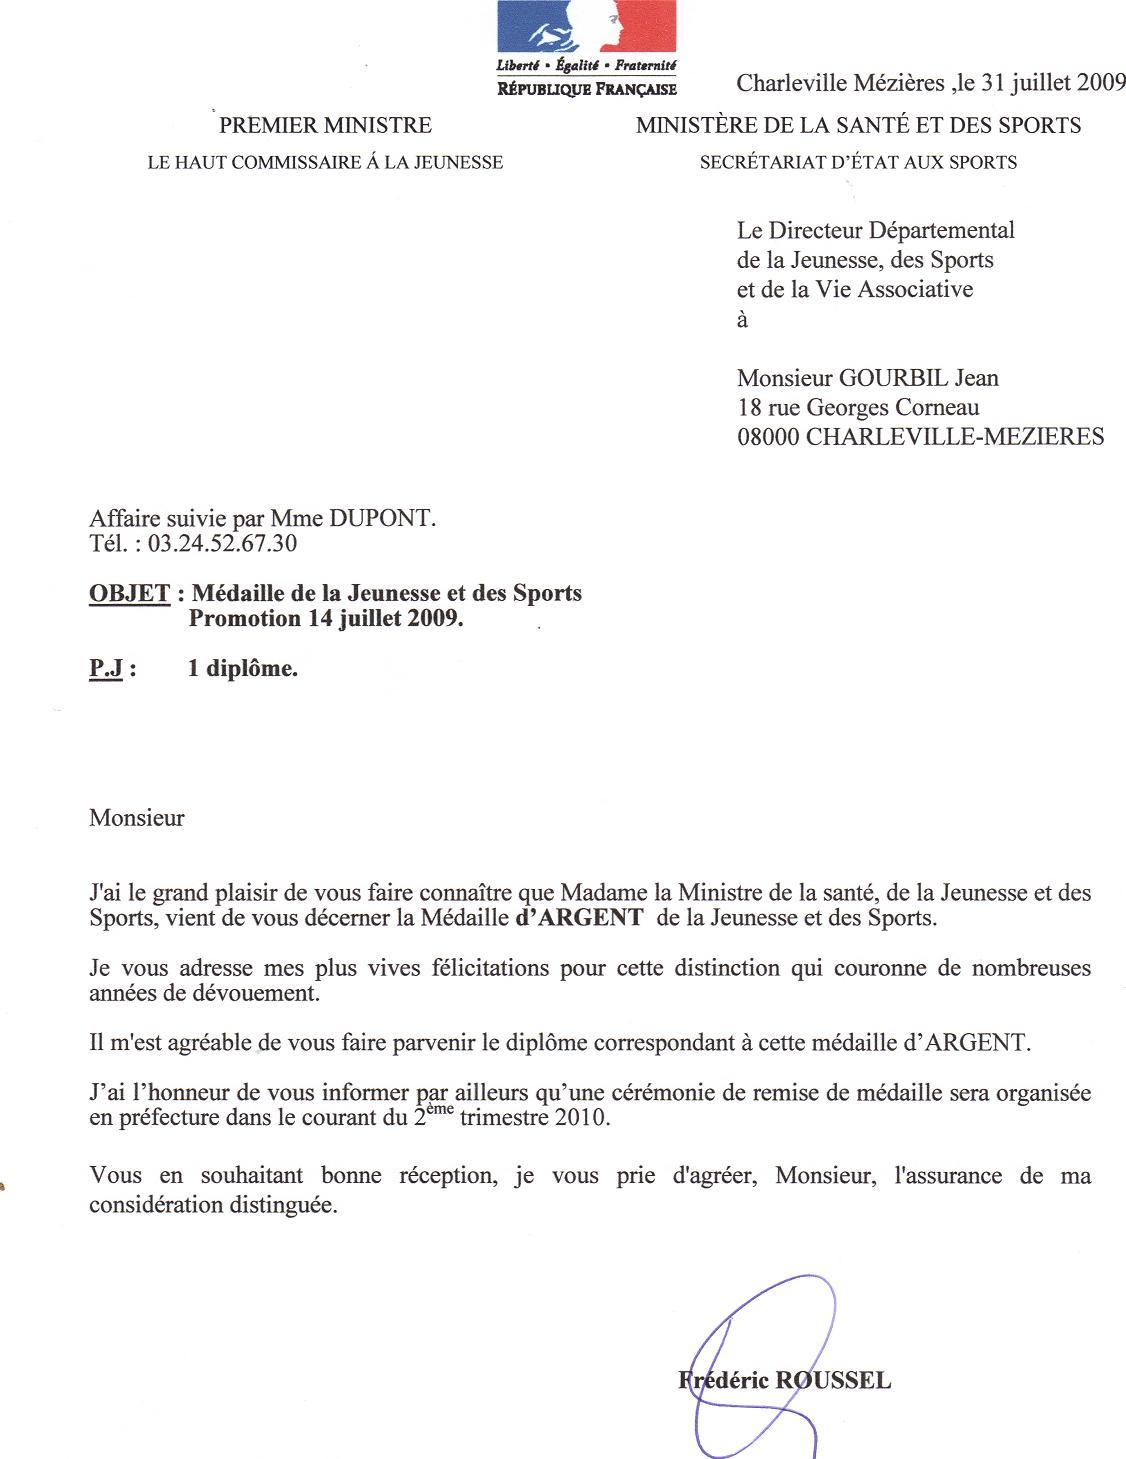 Double de la lettre de Monsieur le Directeur DDJS